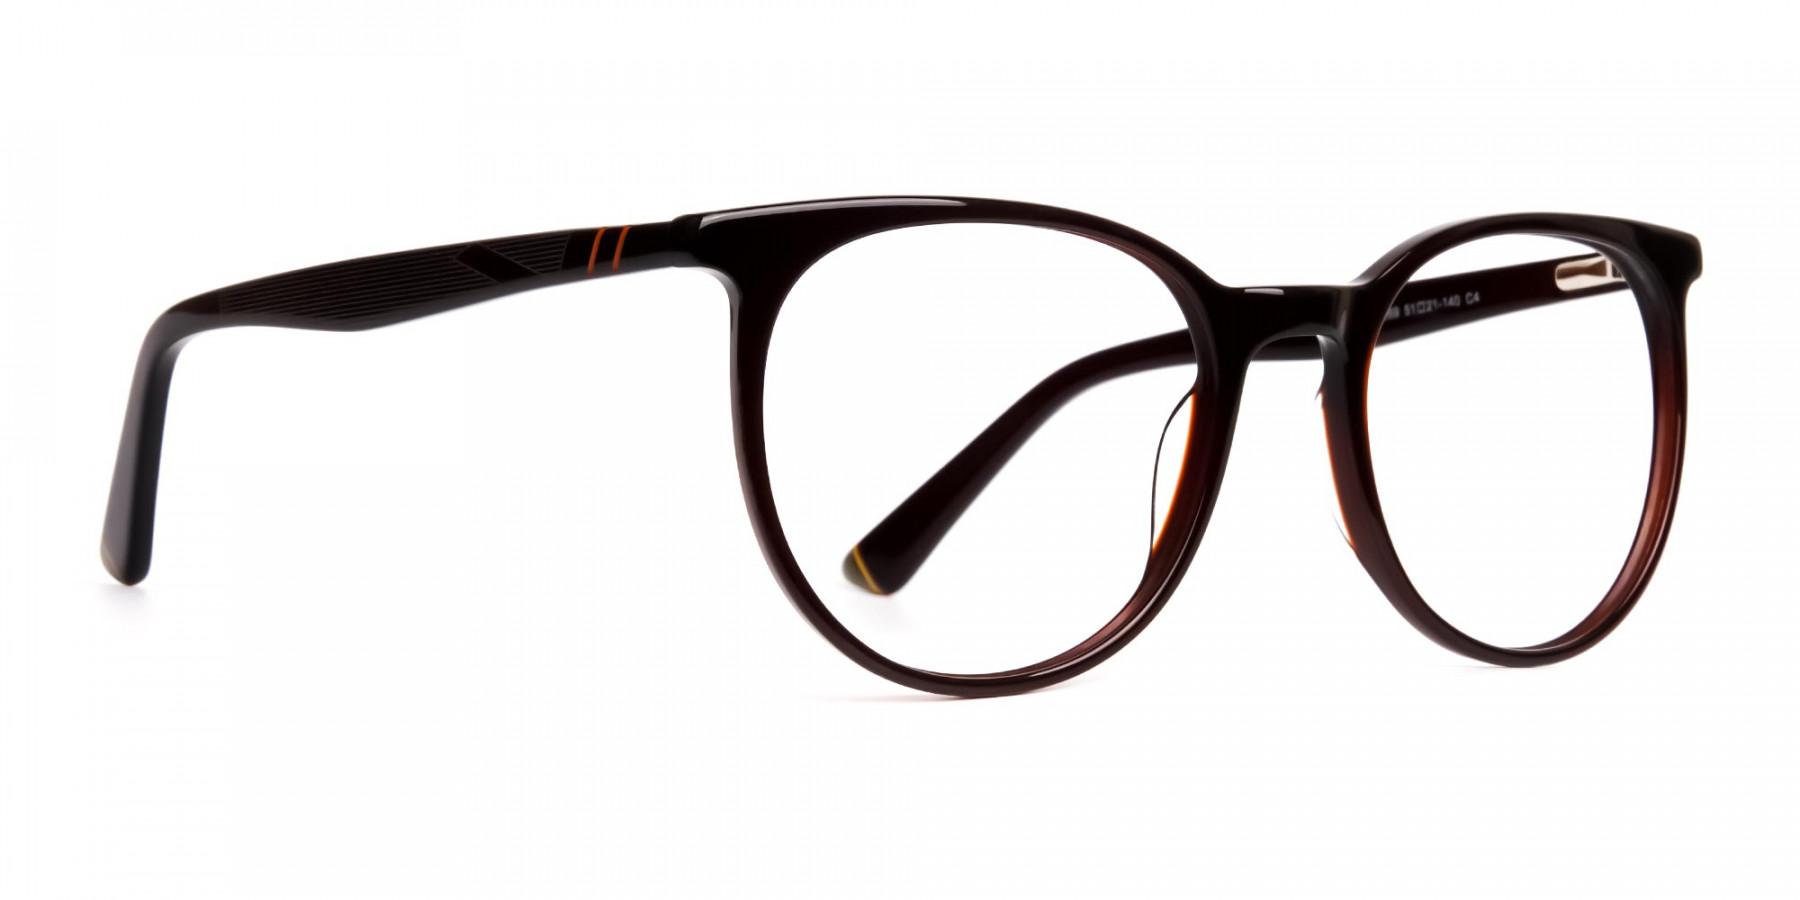 dark-brown-full-rim-round-glasses-frames-1